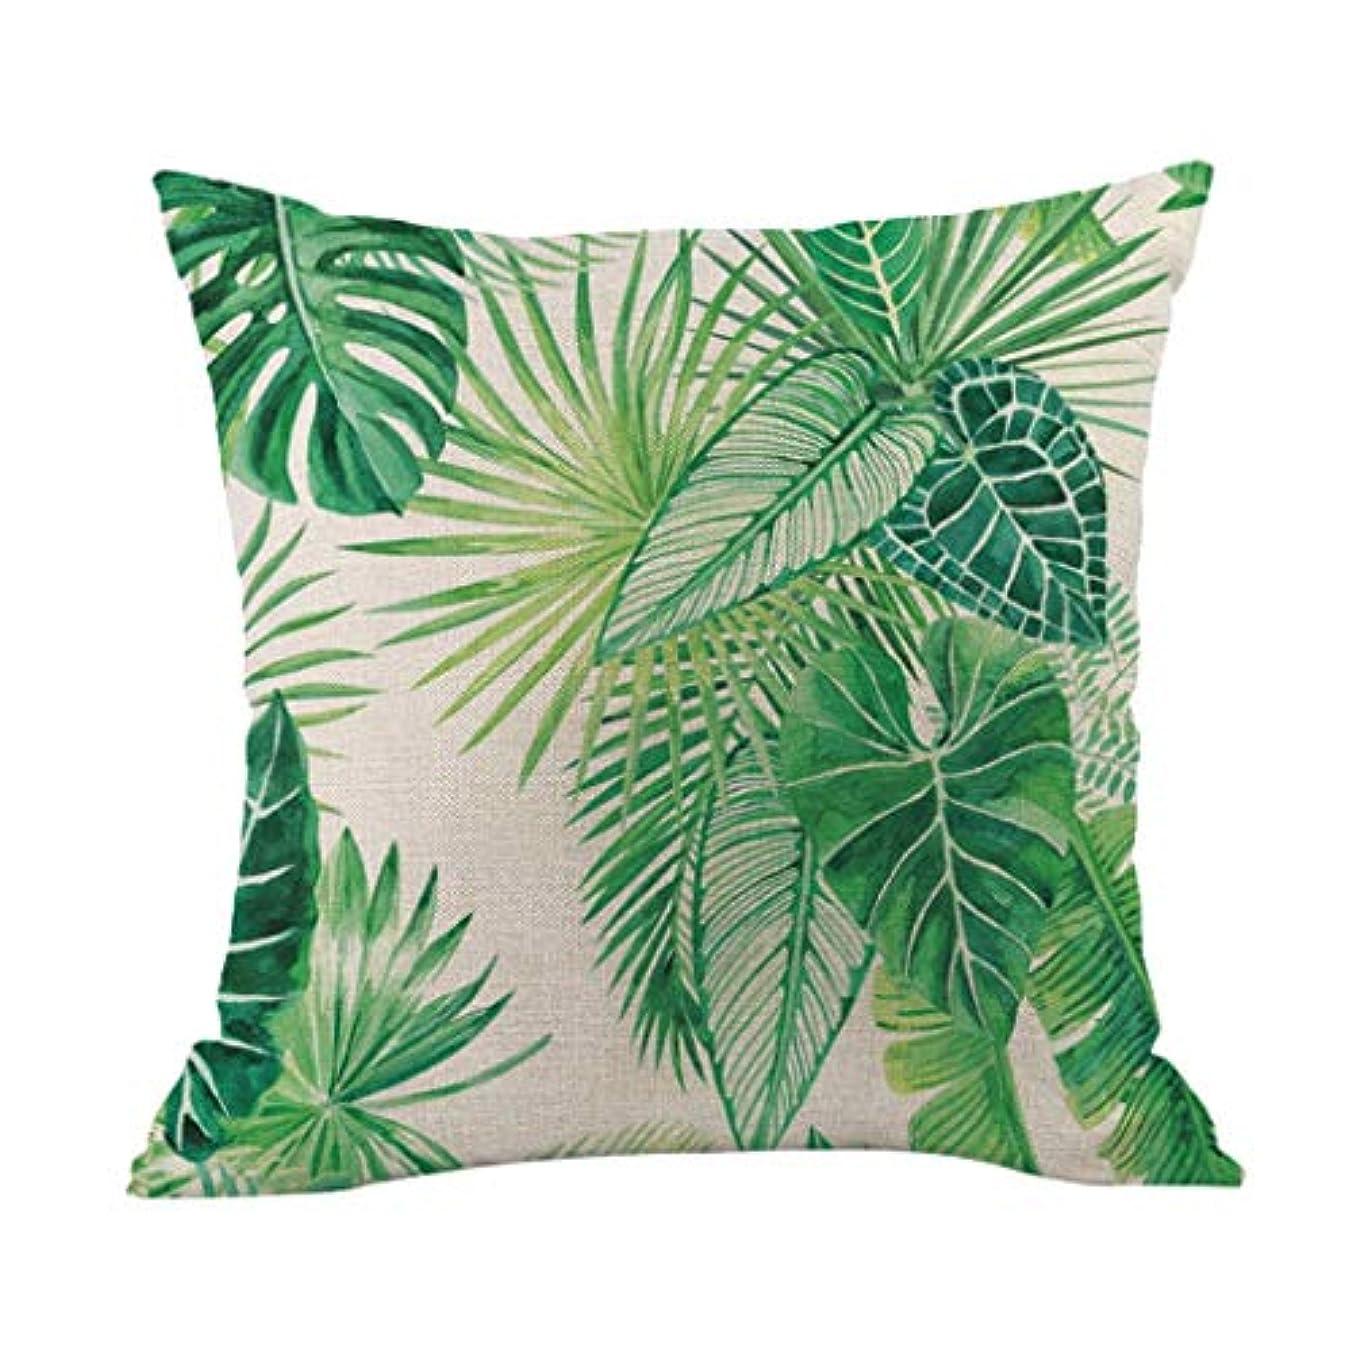 皮肉生産的フォーマルLIFE 高品質クッション熱帯植物ポリエステル枕ソファ投げるパッドセットホーム人格クッション coussin decoratif クッション 椅子